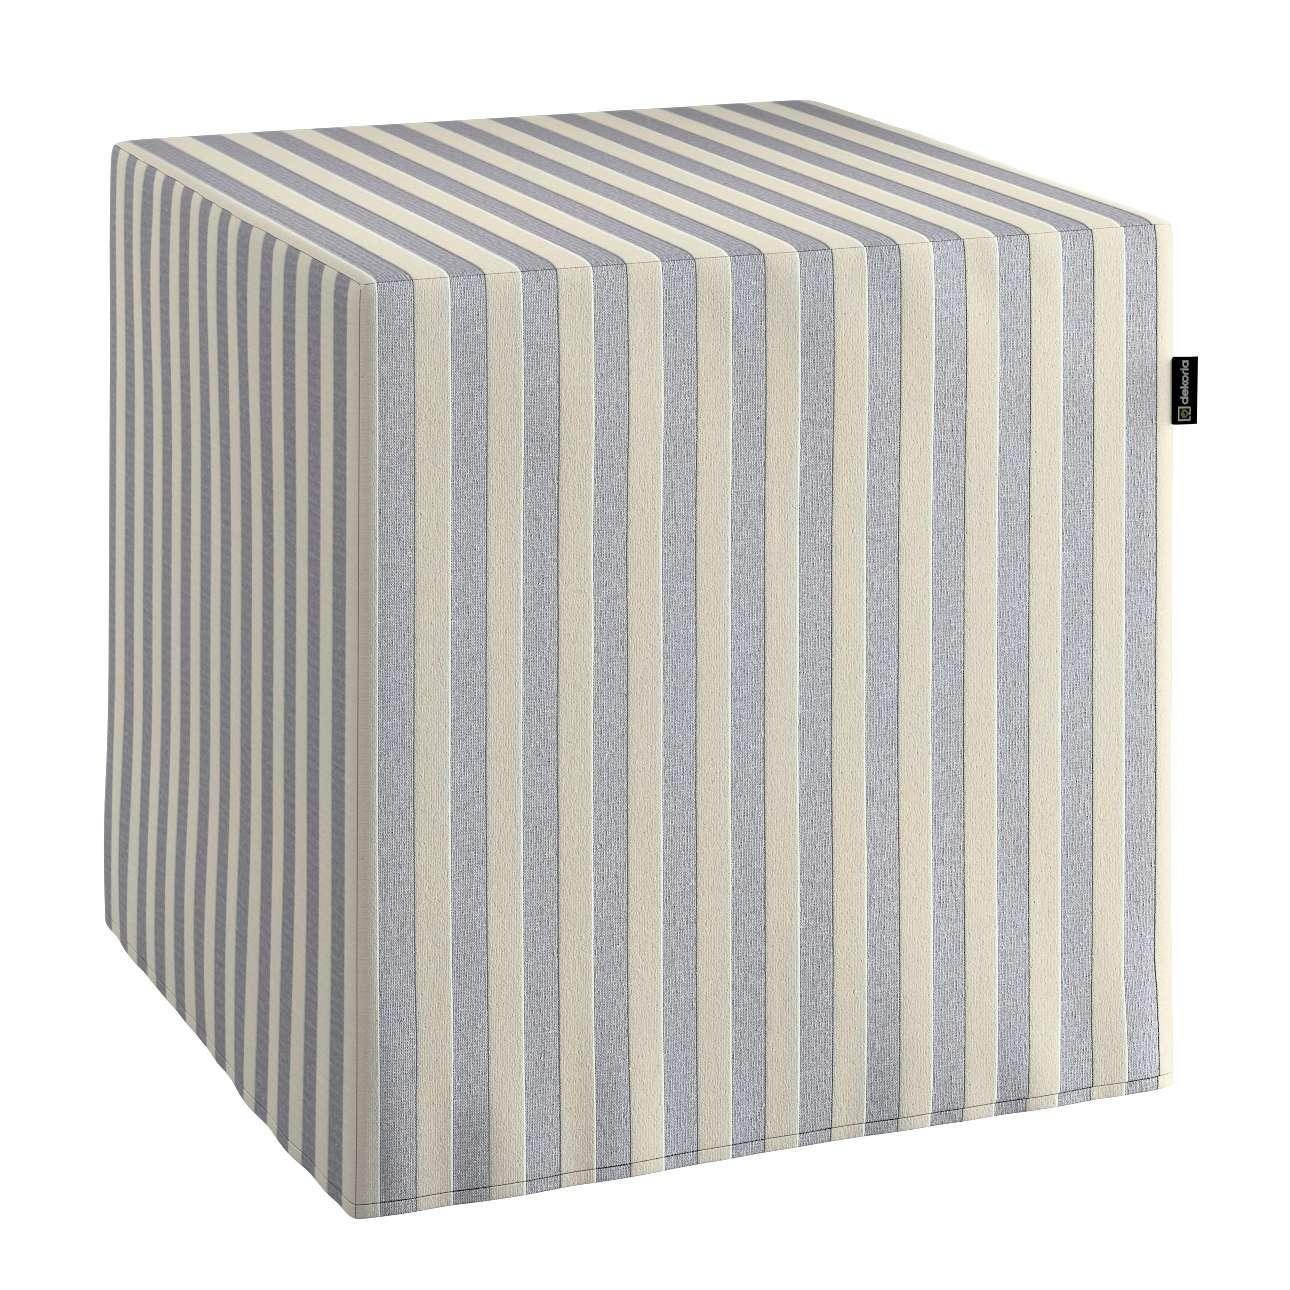 Sedák kostka - pevná 40x40x40 v kolekci Quadro, látka: 136-02